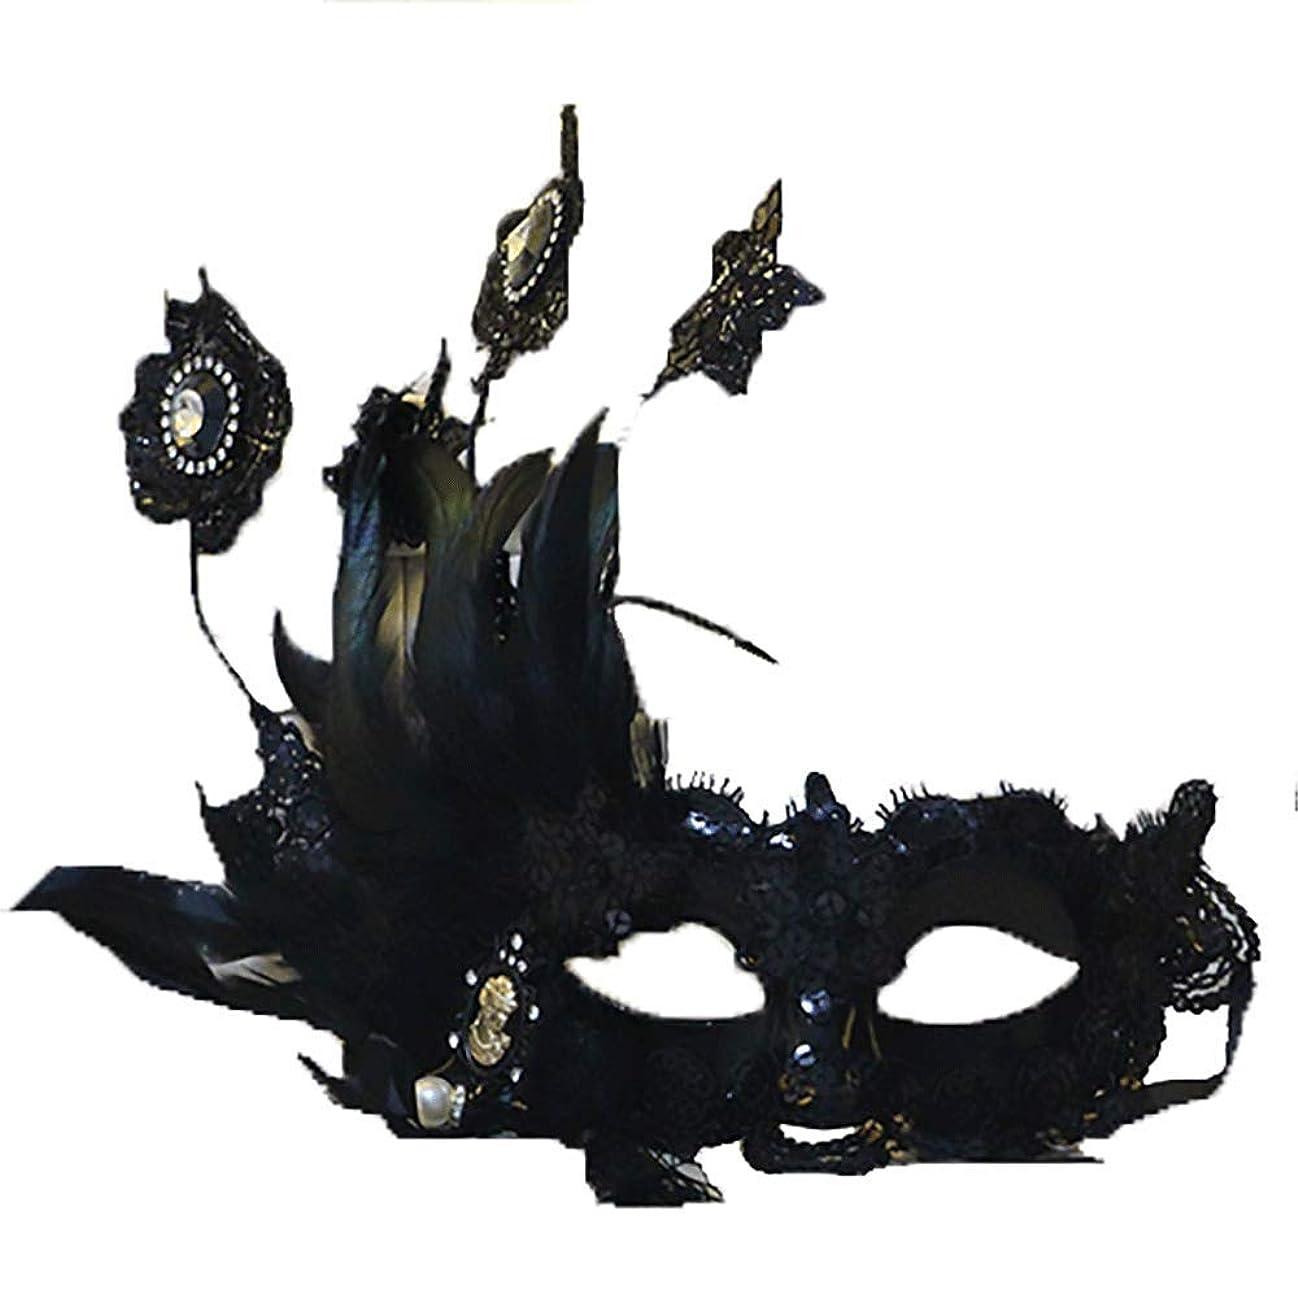 仕様症候群暫定Nanle Halloween Ornate Blackコロンビーナフェザーマスク